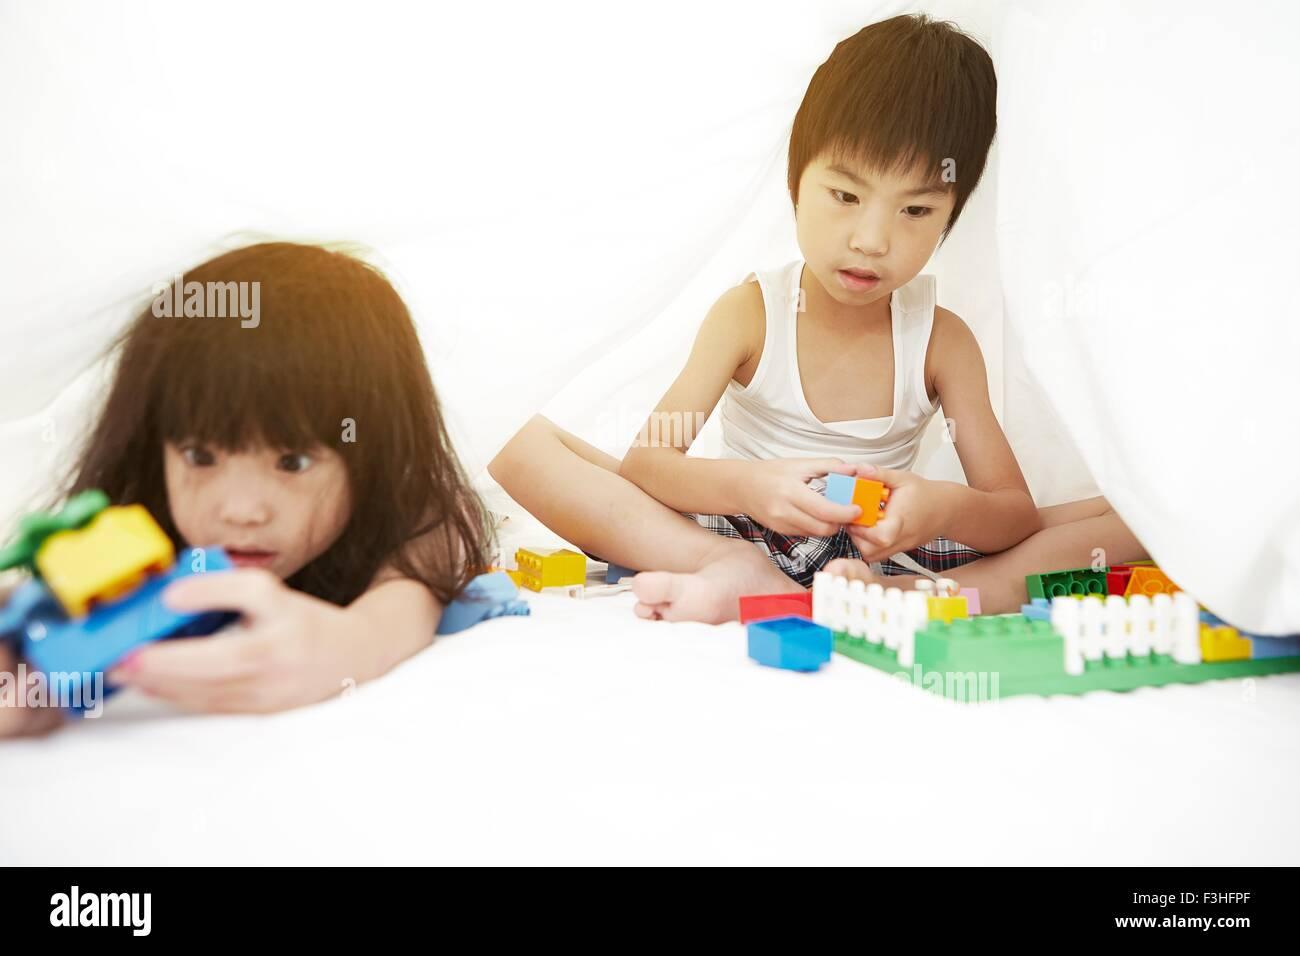 Chinese toys stockfotos chinese toys bilder alamy - Bettwasche baby junge ...